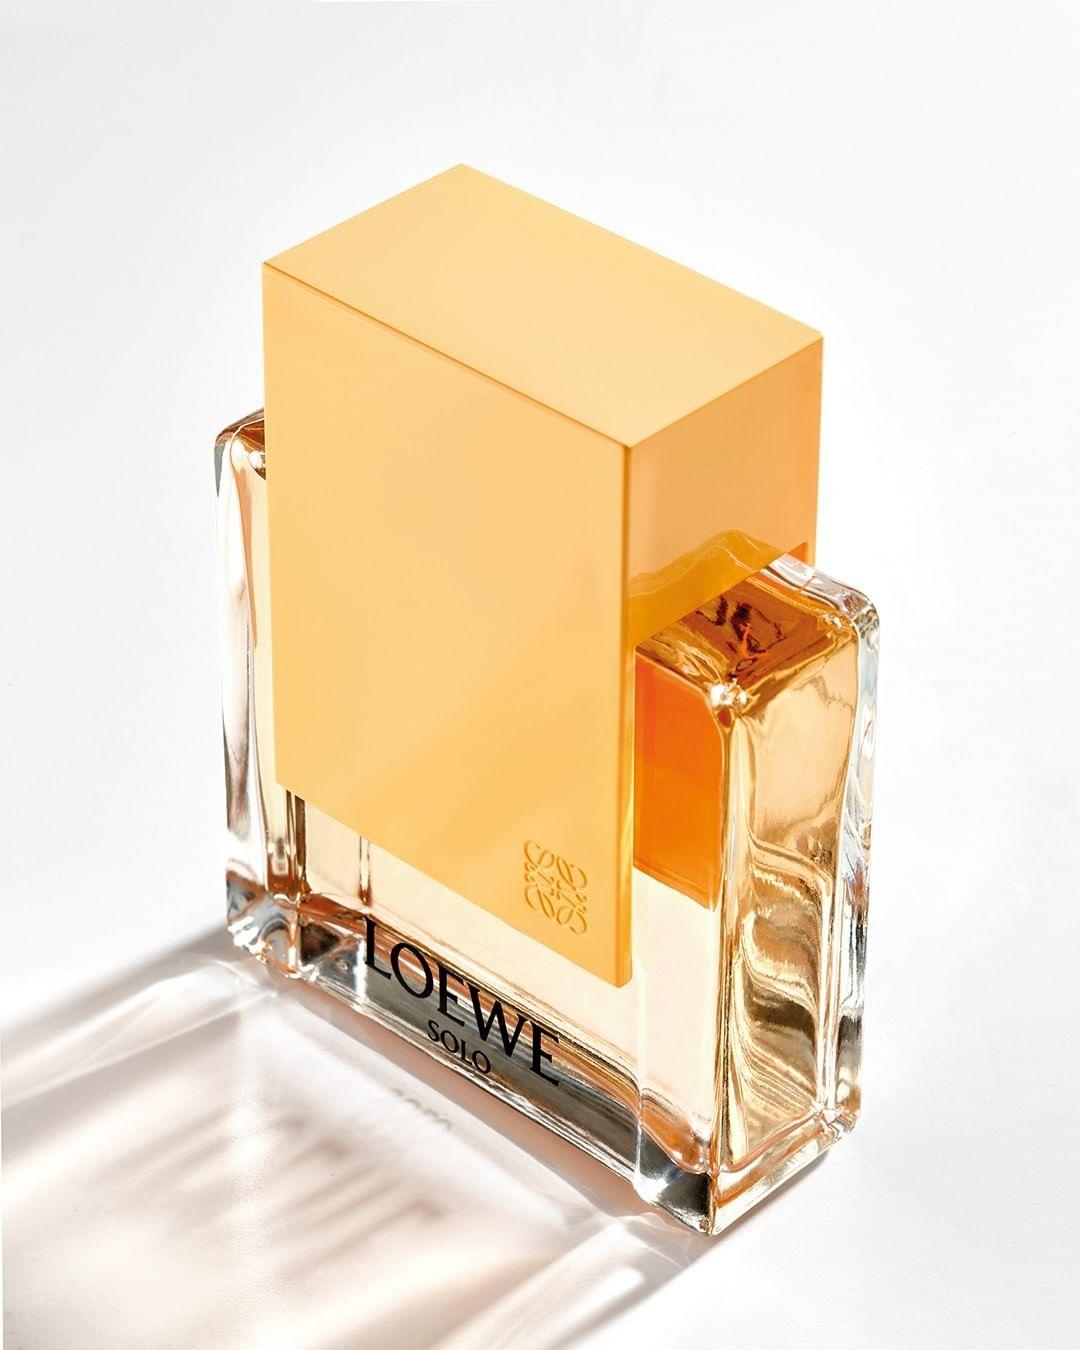 Loewe Solo Loewe Ella Eau de Toilette